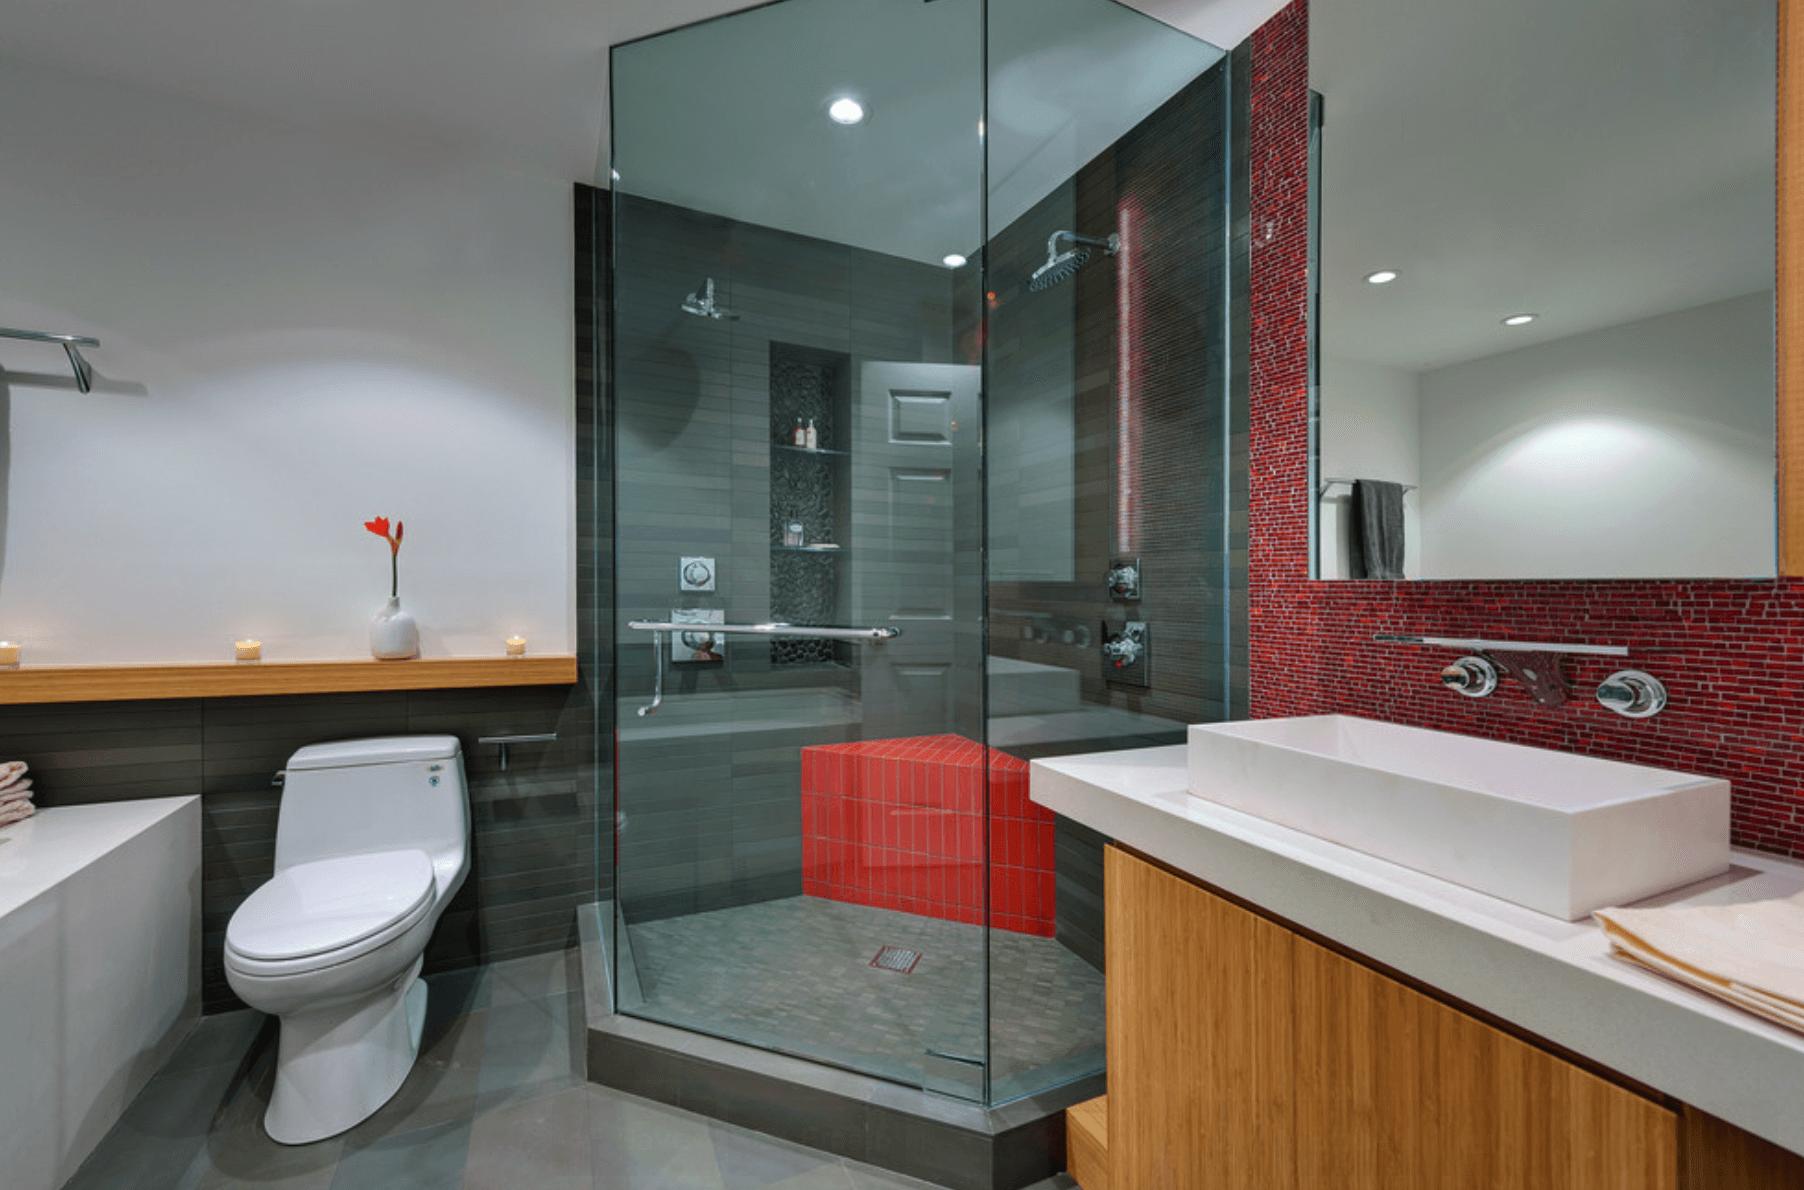 #936130 Banheiro moderno vermelho 1804x1190 px ver banheiros modernos